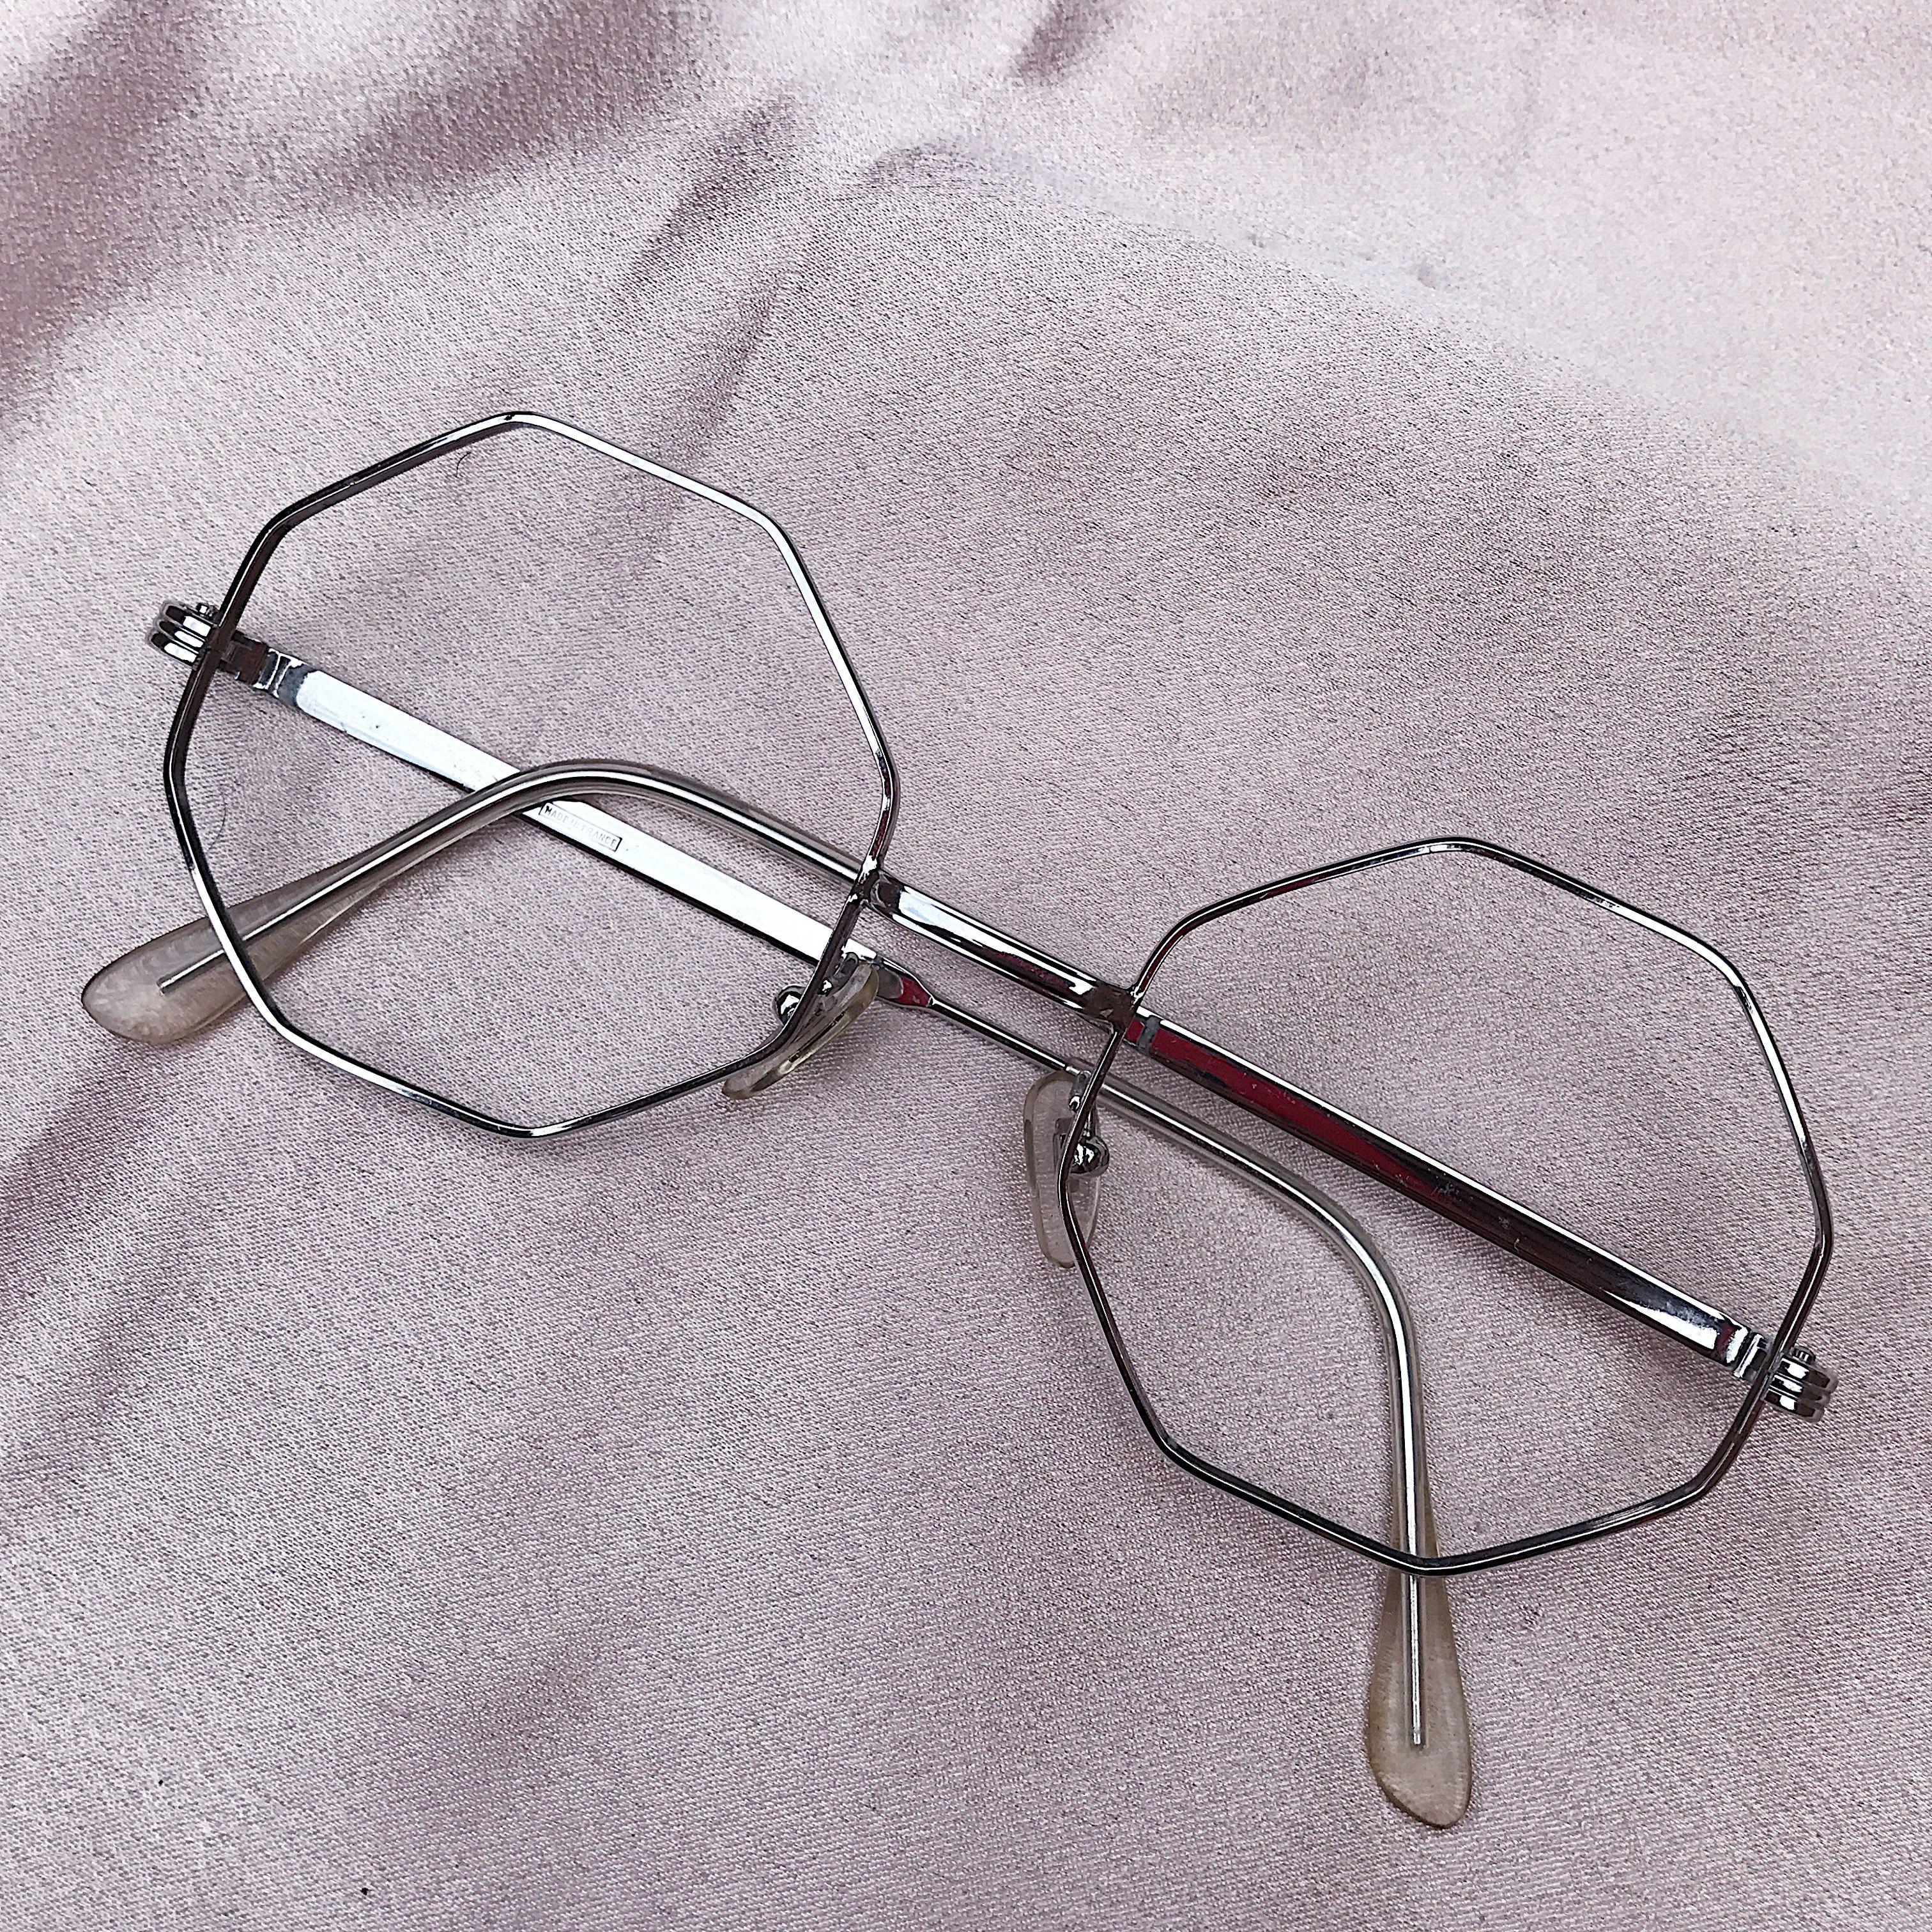 Oculos Hexagonal Made In France Armacao Estilo Hexagonal Feito